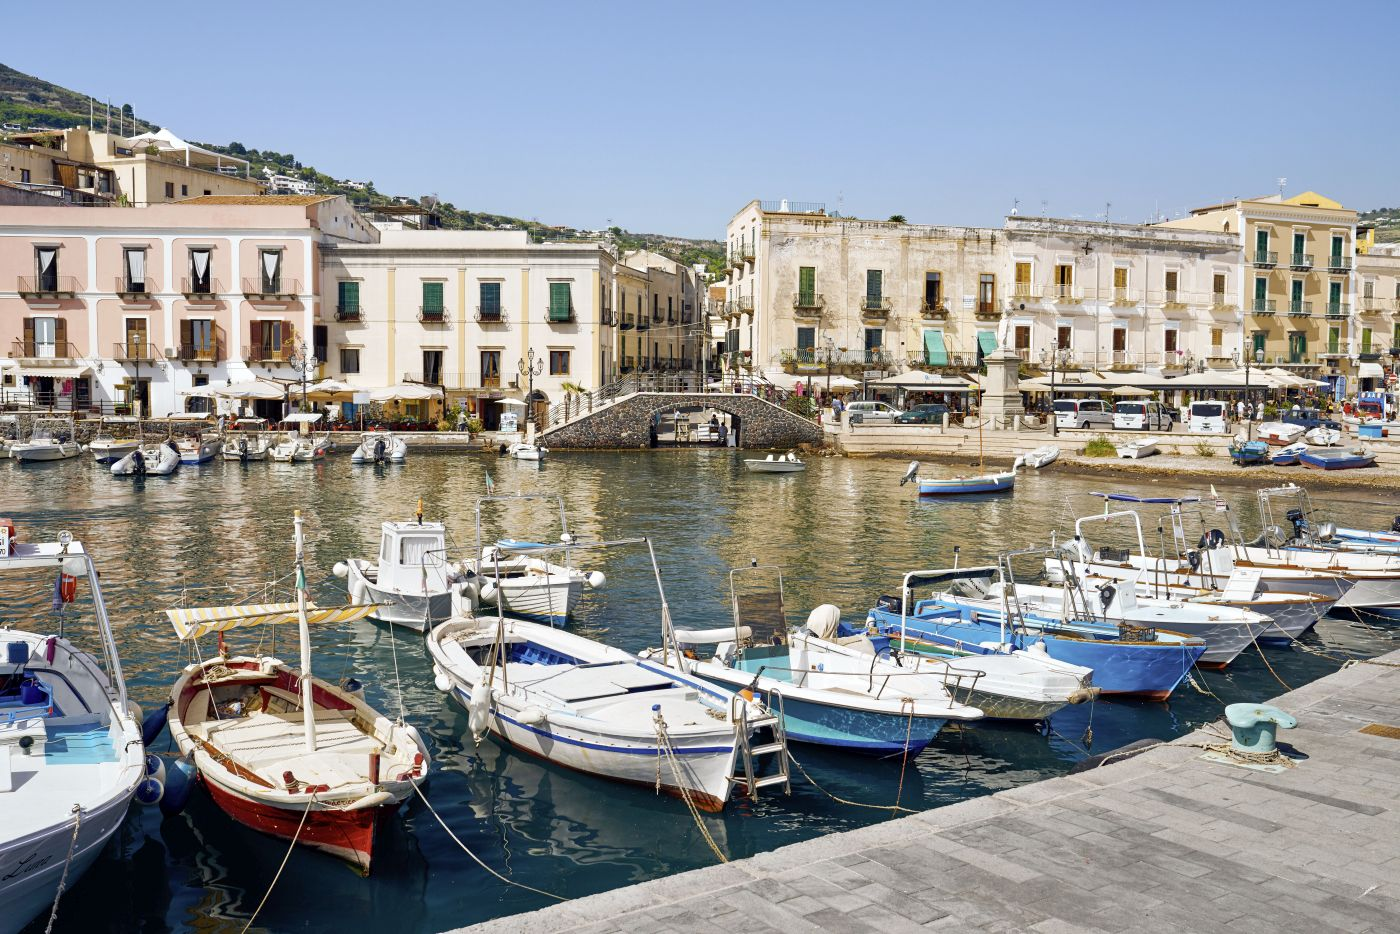 Lipari Hafen © Marco Polo Reisen_Fotolia GiulioDiGregorio